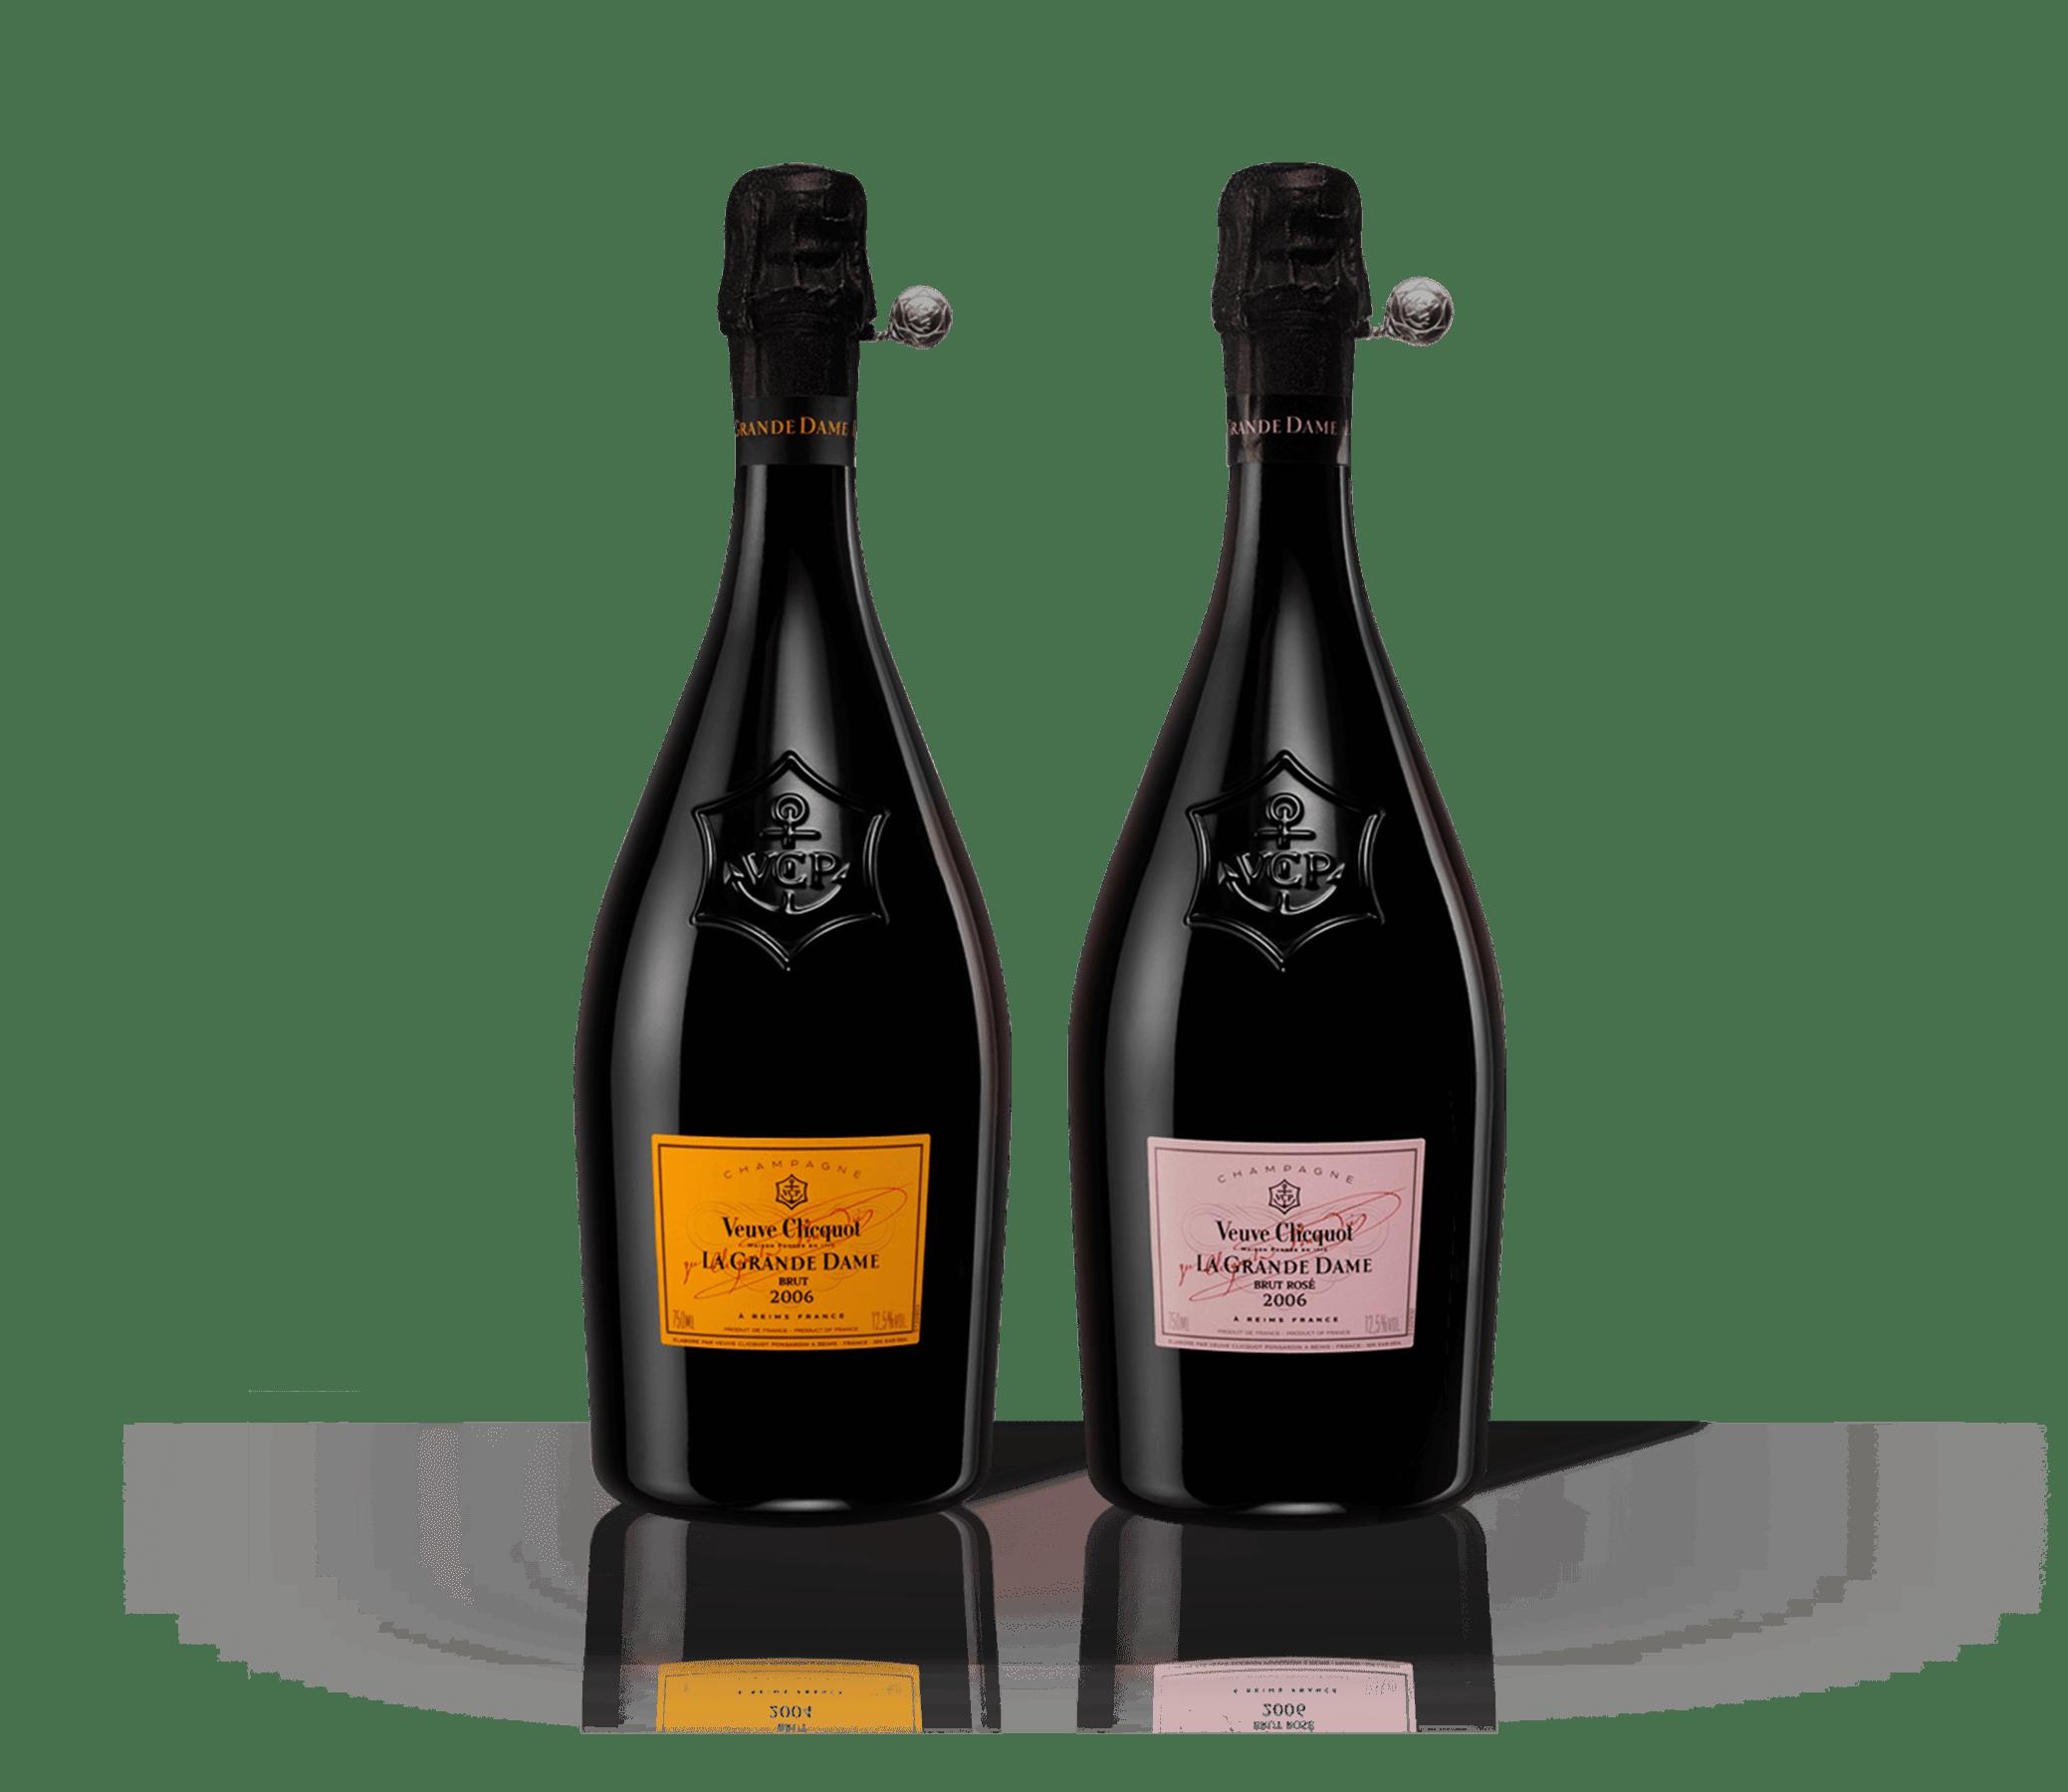 Bottiglie Veuve Clicquot Champagne La Grande Dame 2008